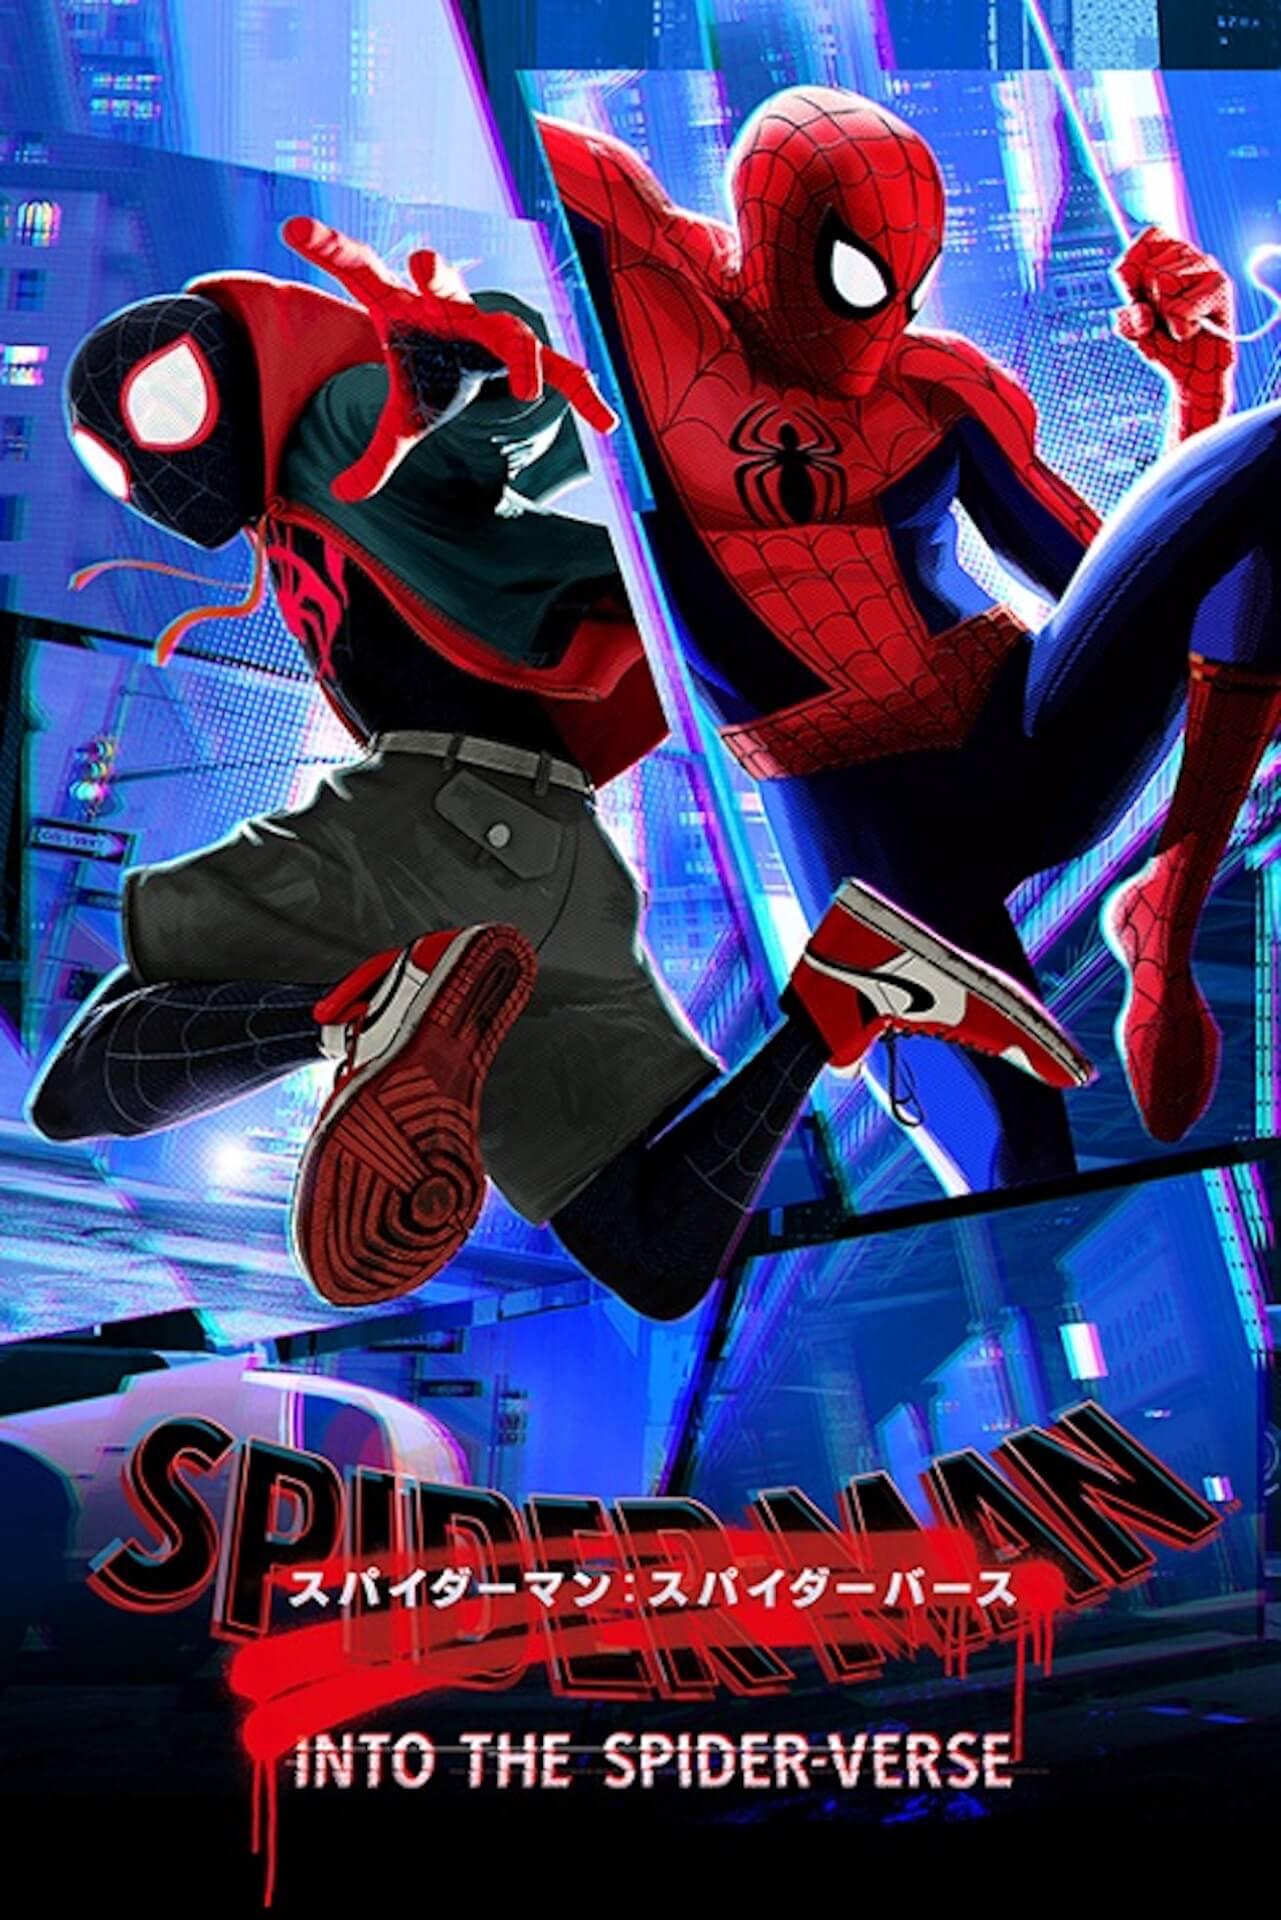 『スパイダーマン』シリーズの一部本編映像&NG映像も解禁!「スパイダーマン ファンウィーク」が本日より開催 flim210728_spiderman_8